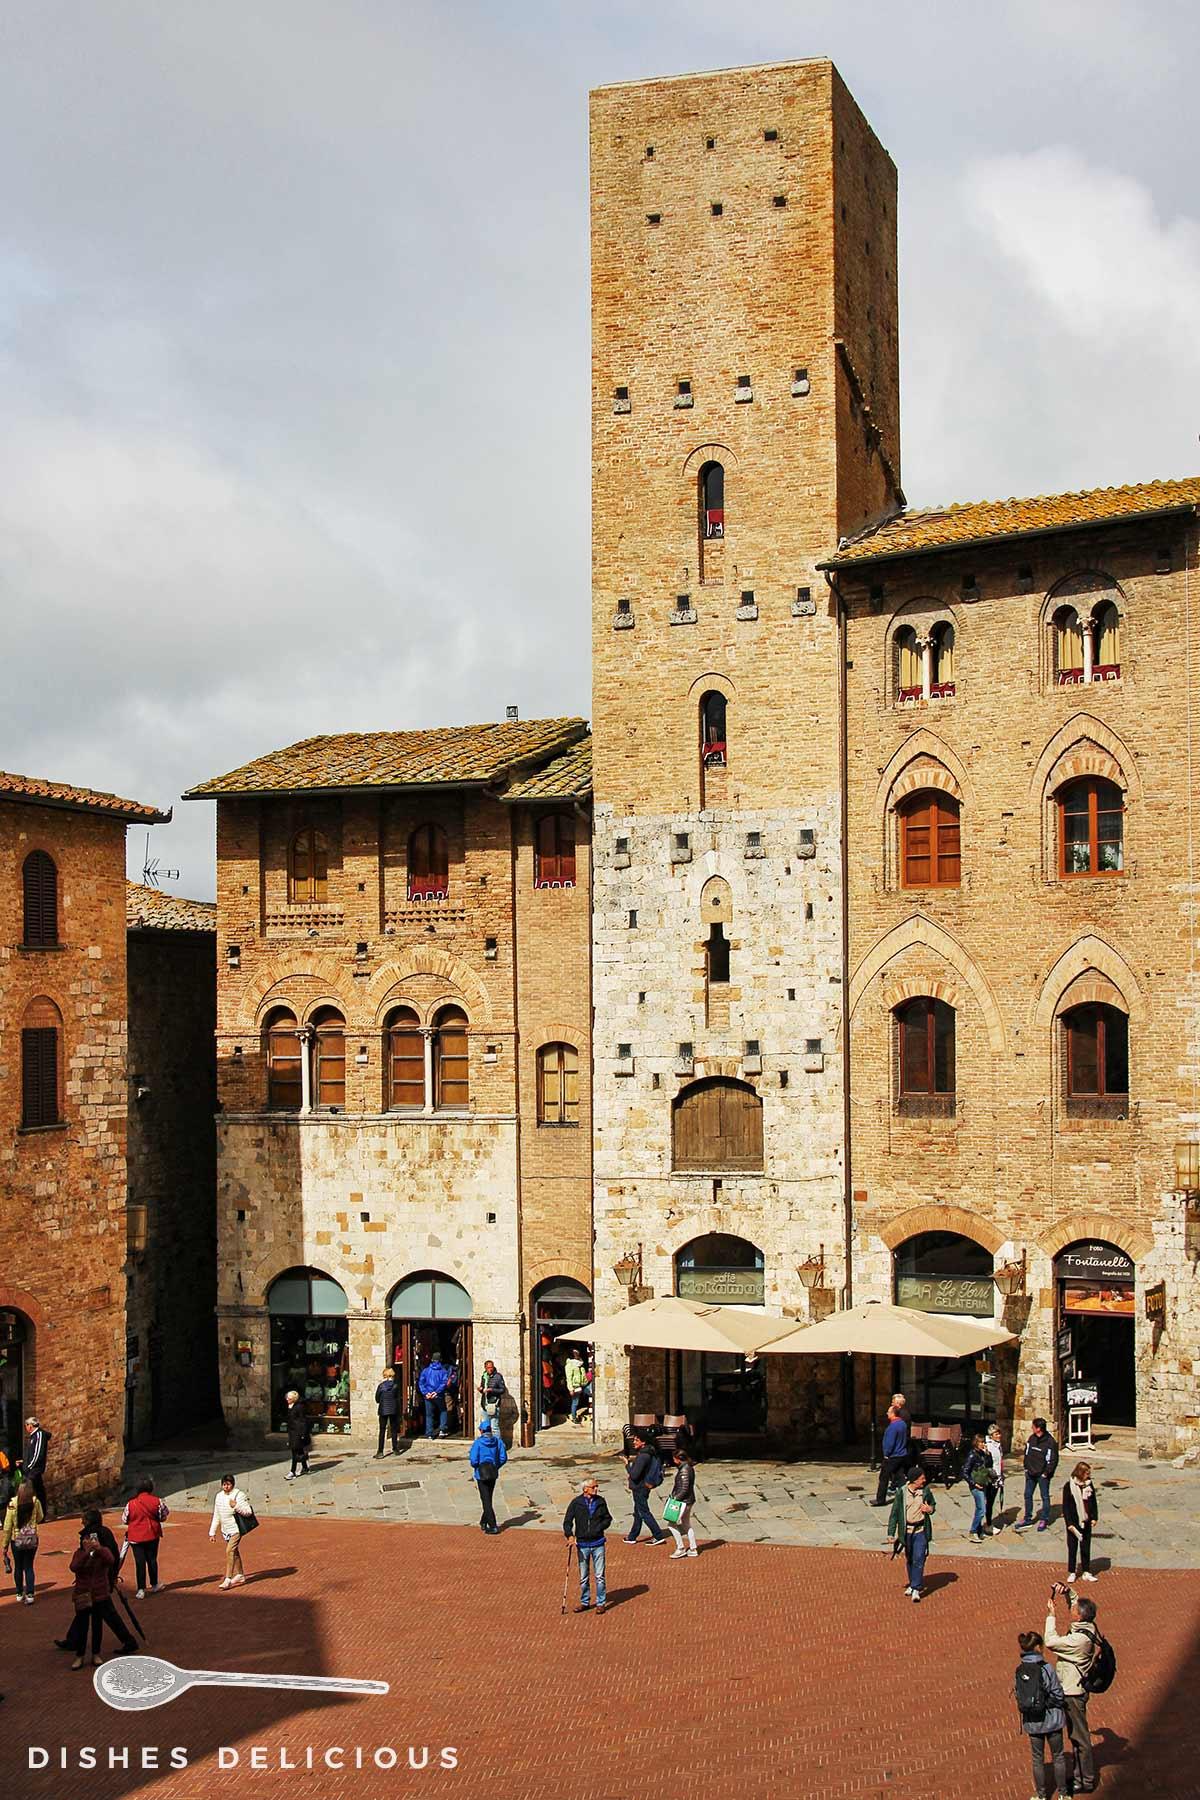 Bild vom hohen Geschlechterturm Torre Chigi, der die umliegenden Häuser überragt.